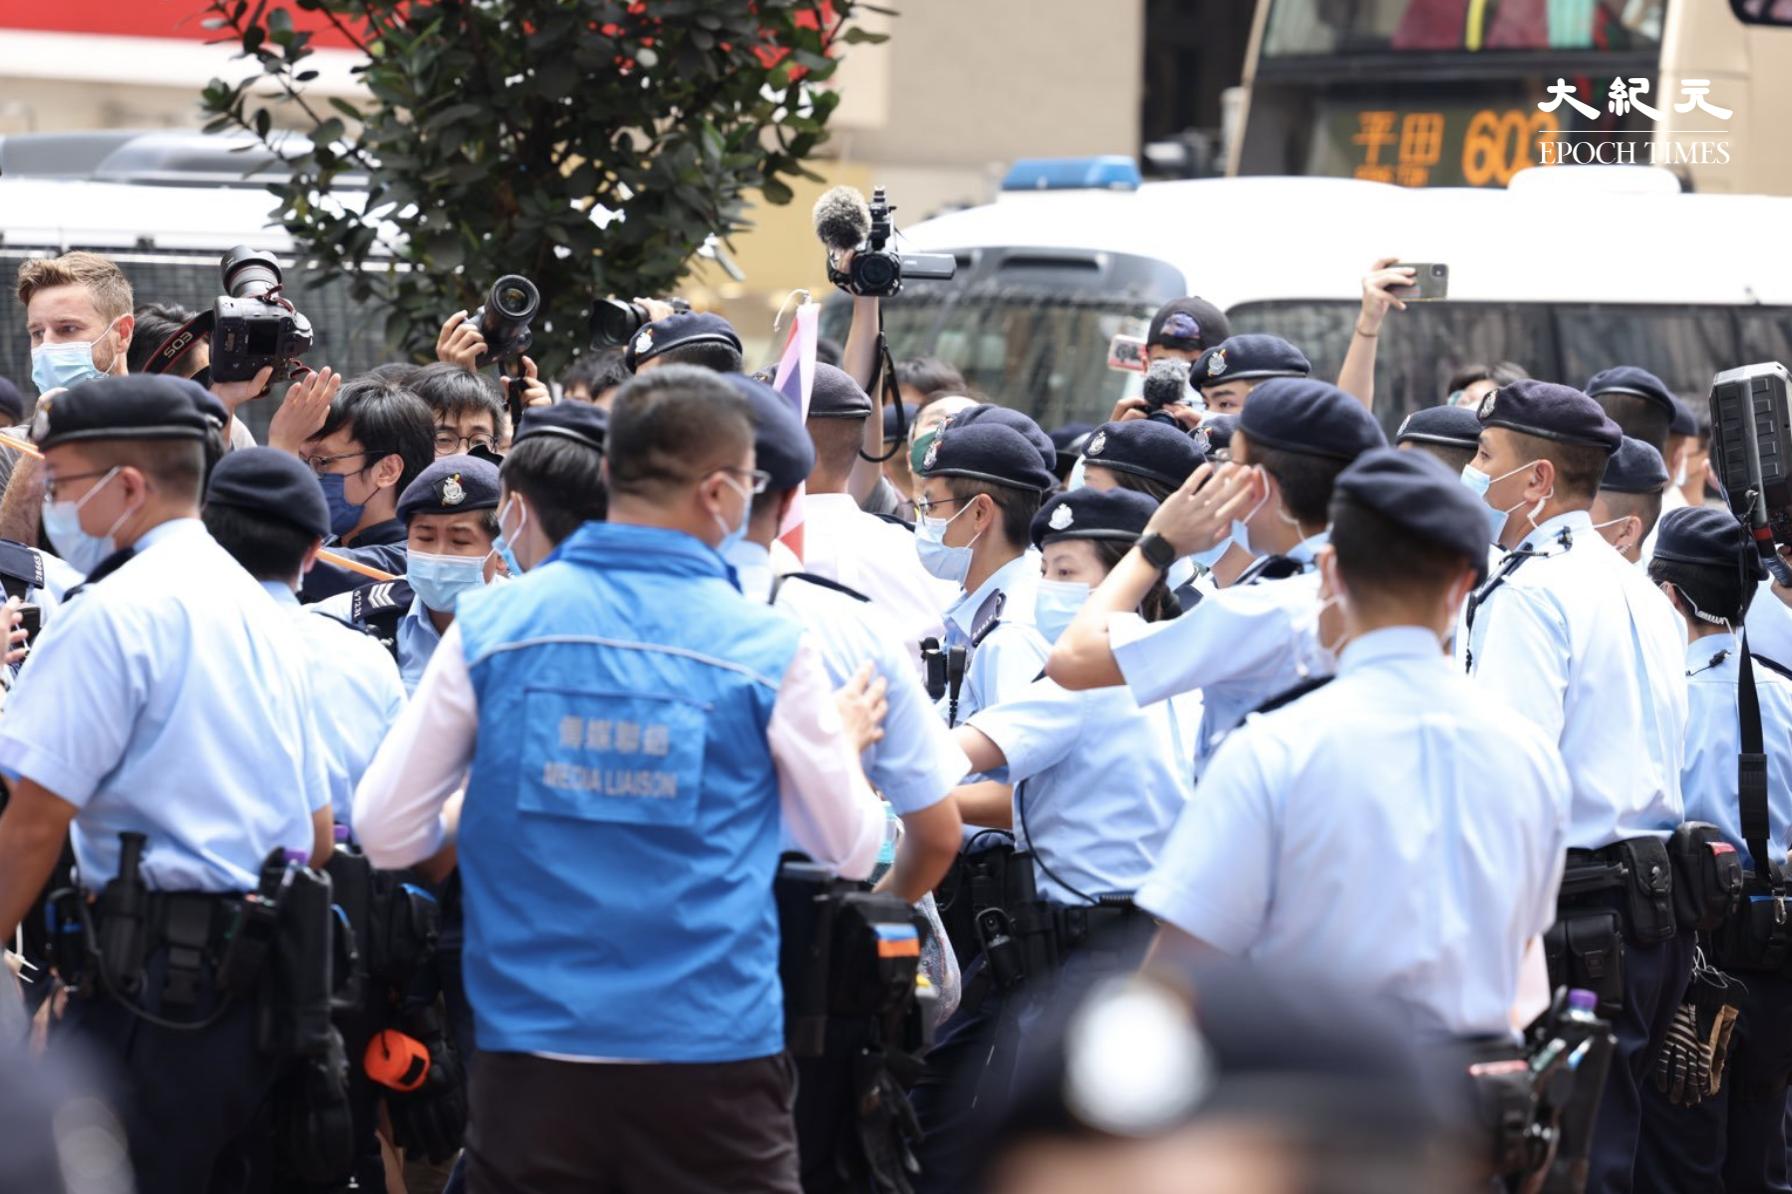 警方把王婆婆抬起帶走,並很快拉起多層封鎖線,阻止市民和記者跟隨,現場一度十分混亂。(李辰/大紀元)